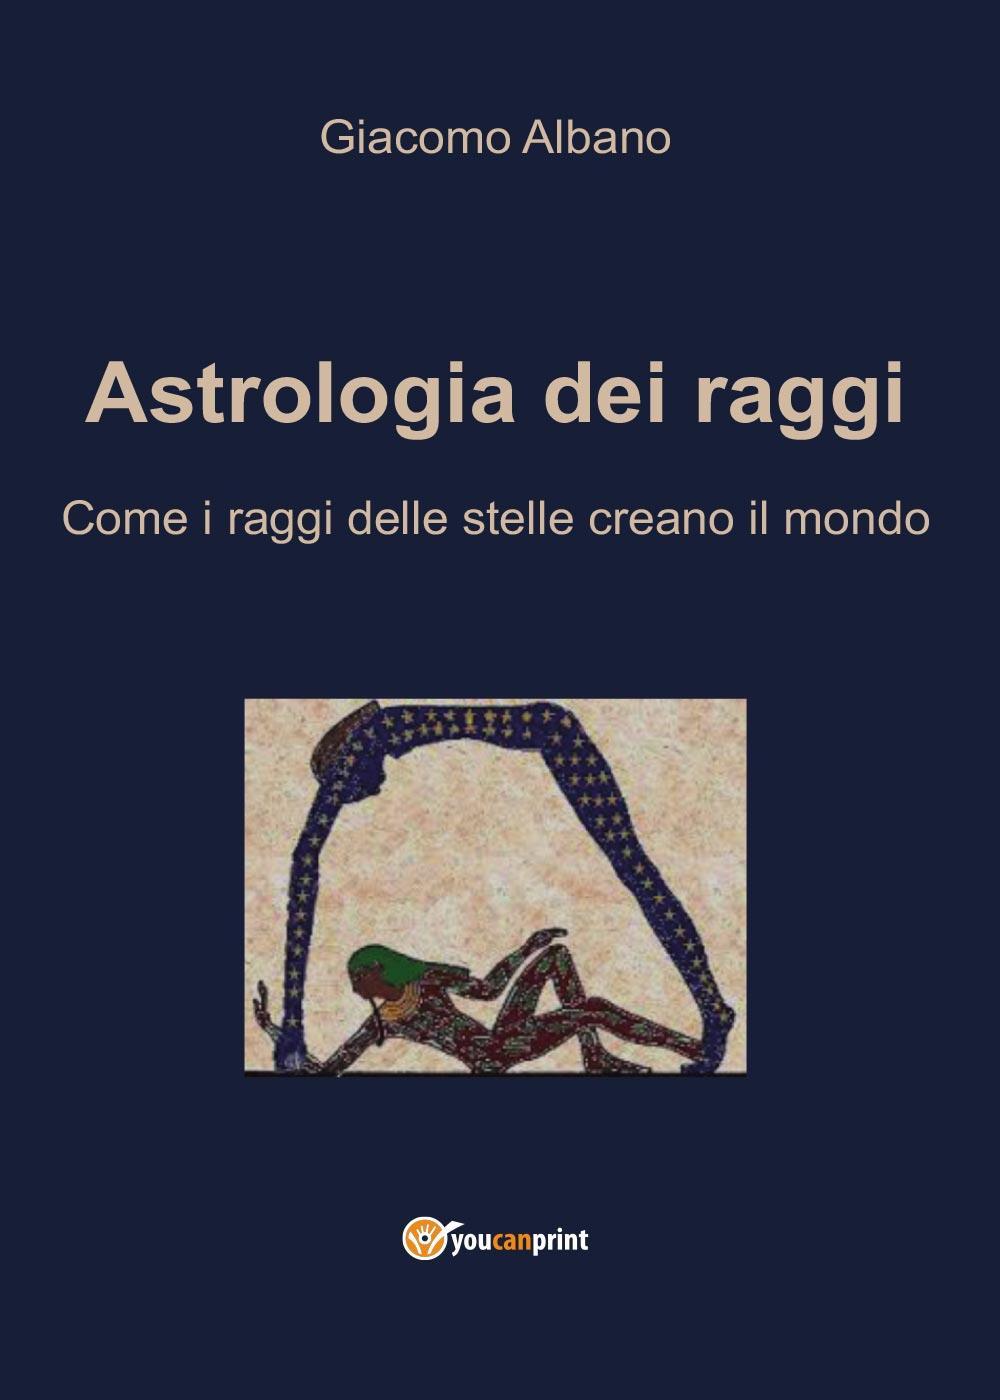 Astrologia dei raggi. Come i raggi delle stelle creano il mondo